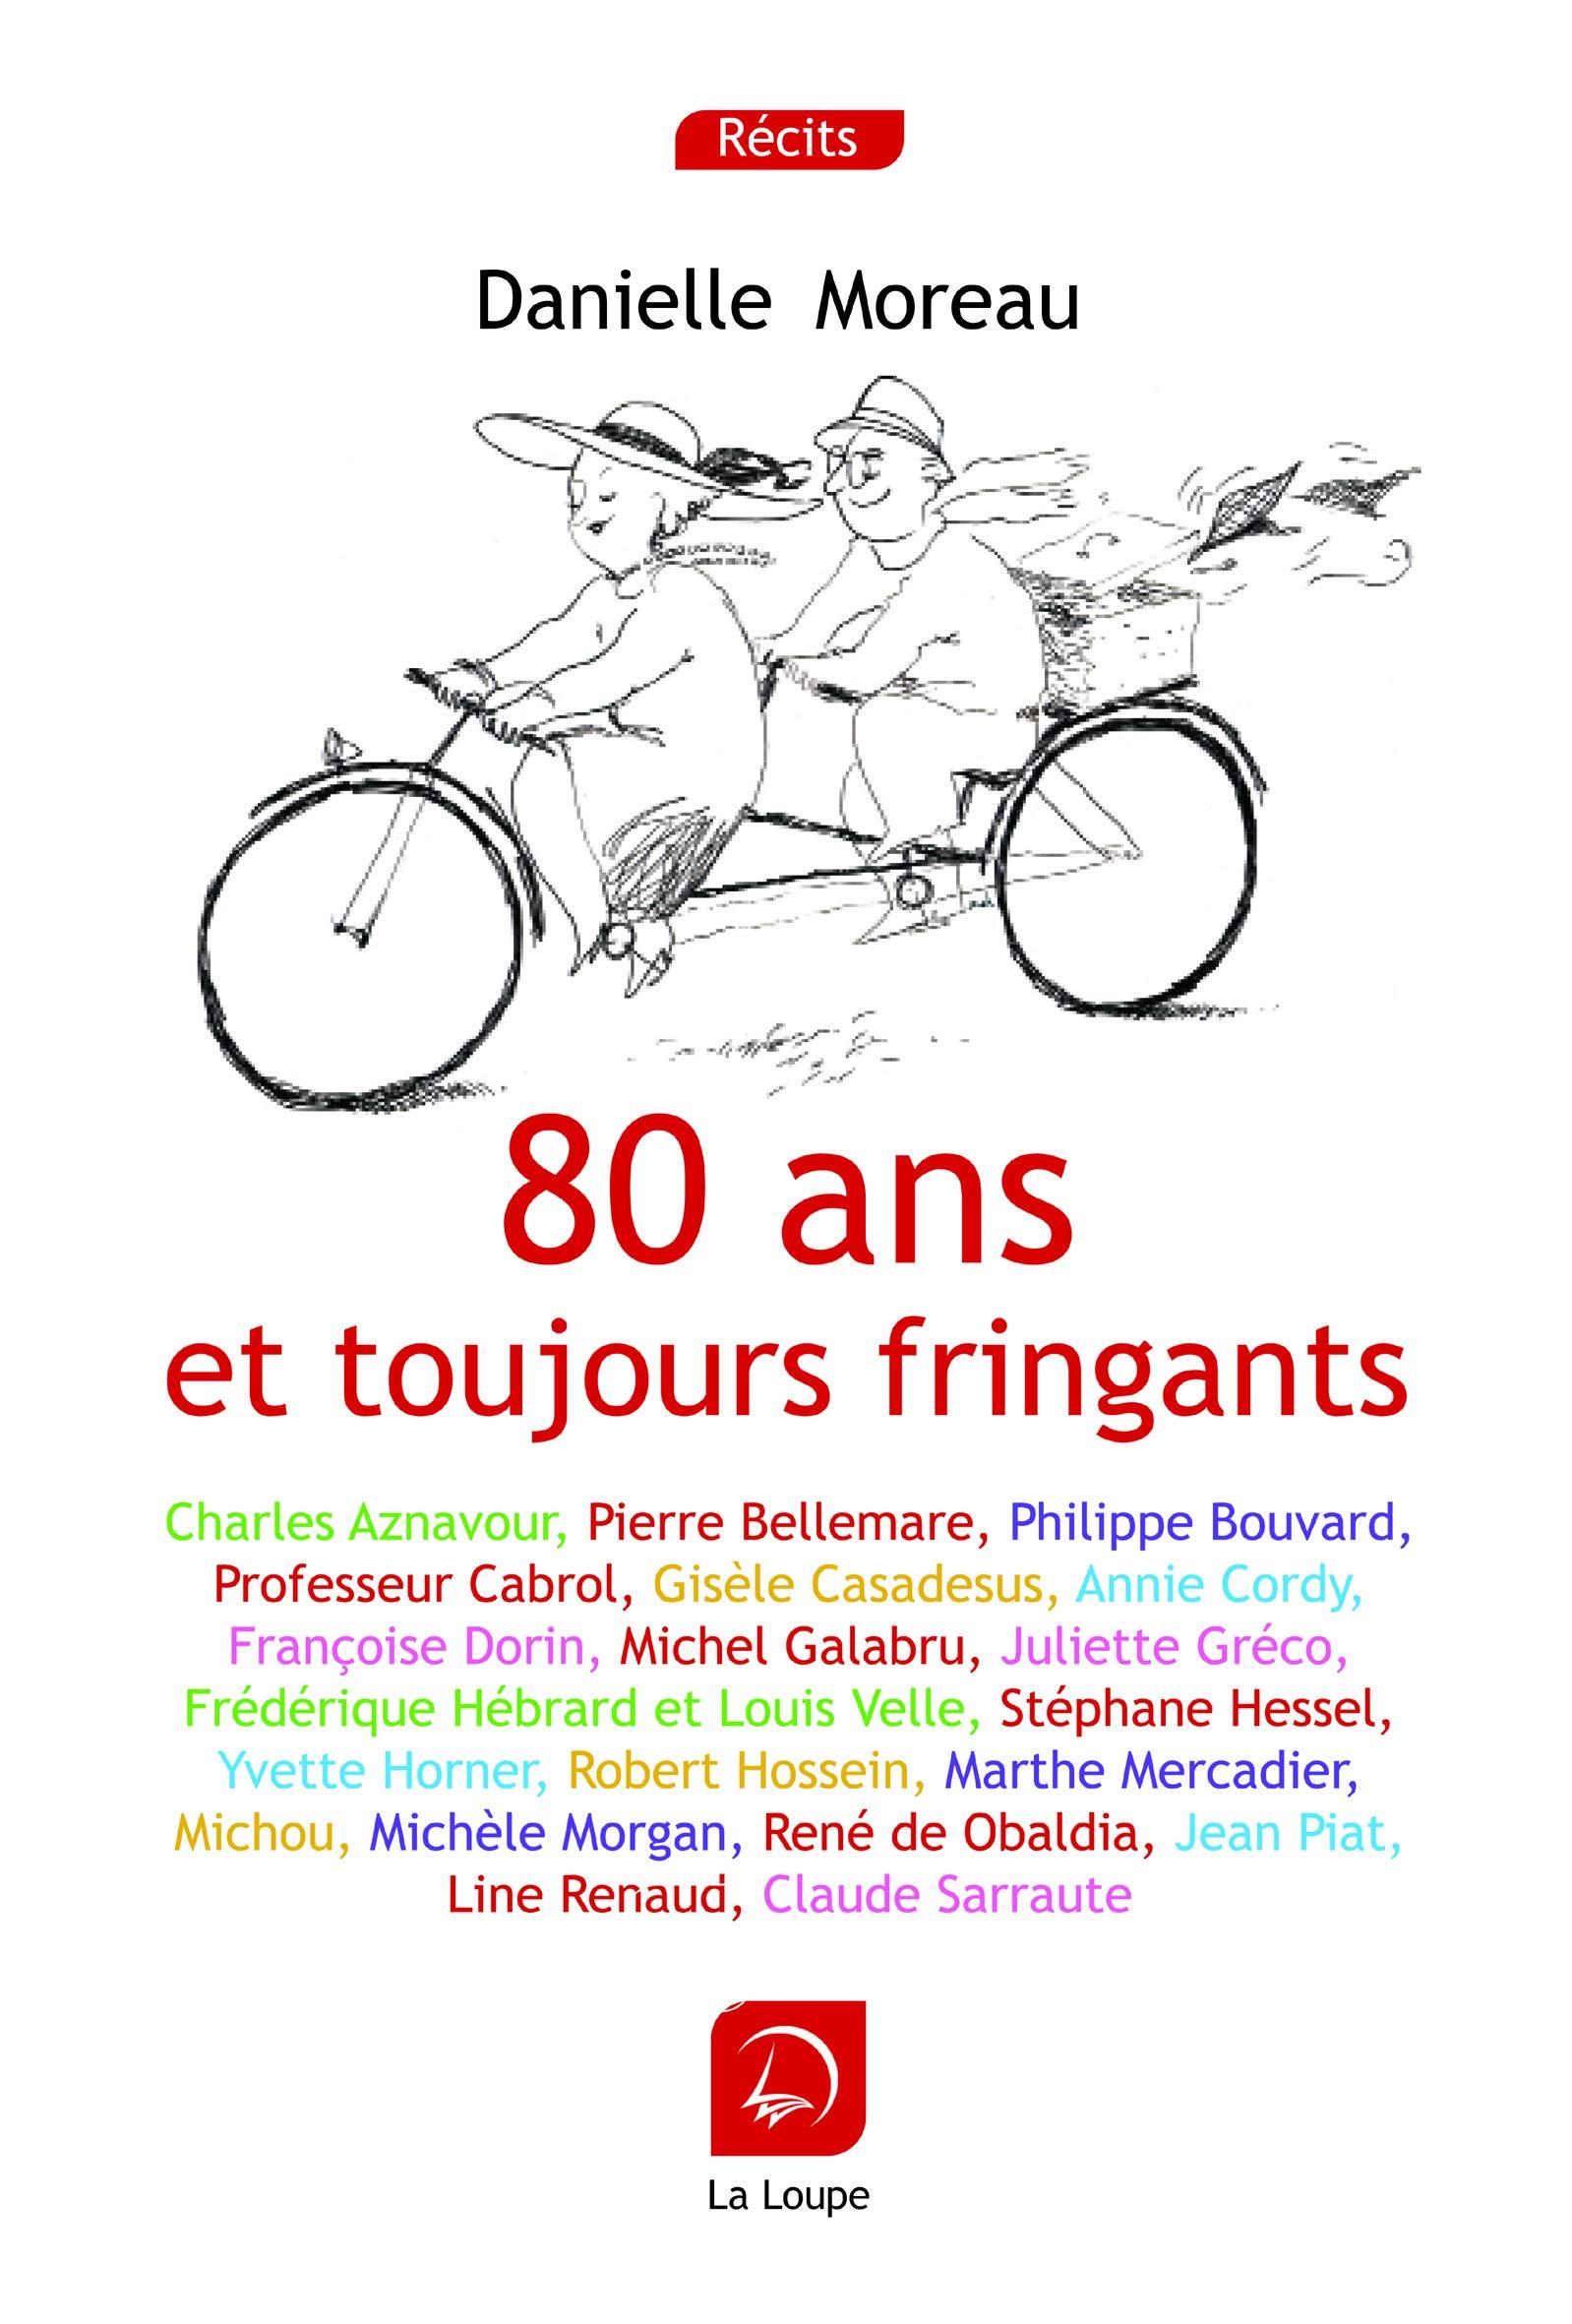 80 Ans Et Toujours Fringants (Grands Caractères) (French Edition): Moreau,  Danielle: 9782848685113: Amazon.com: Books